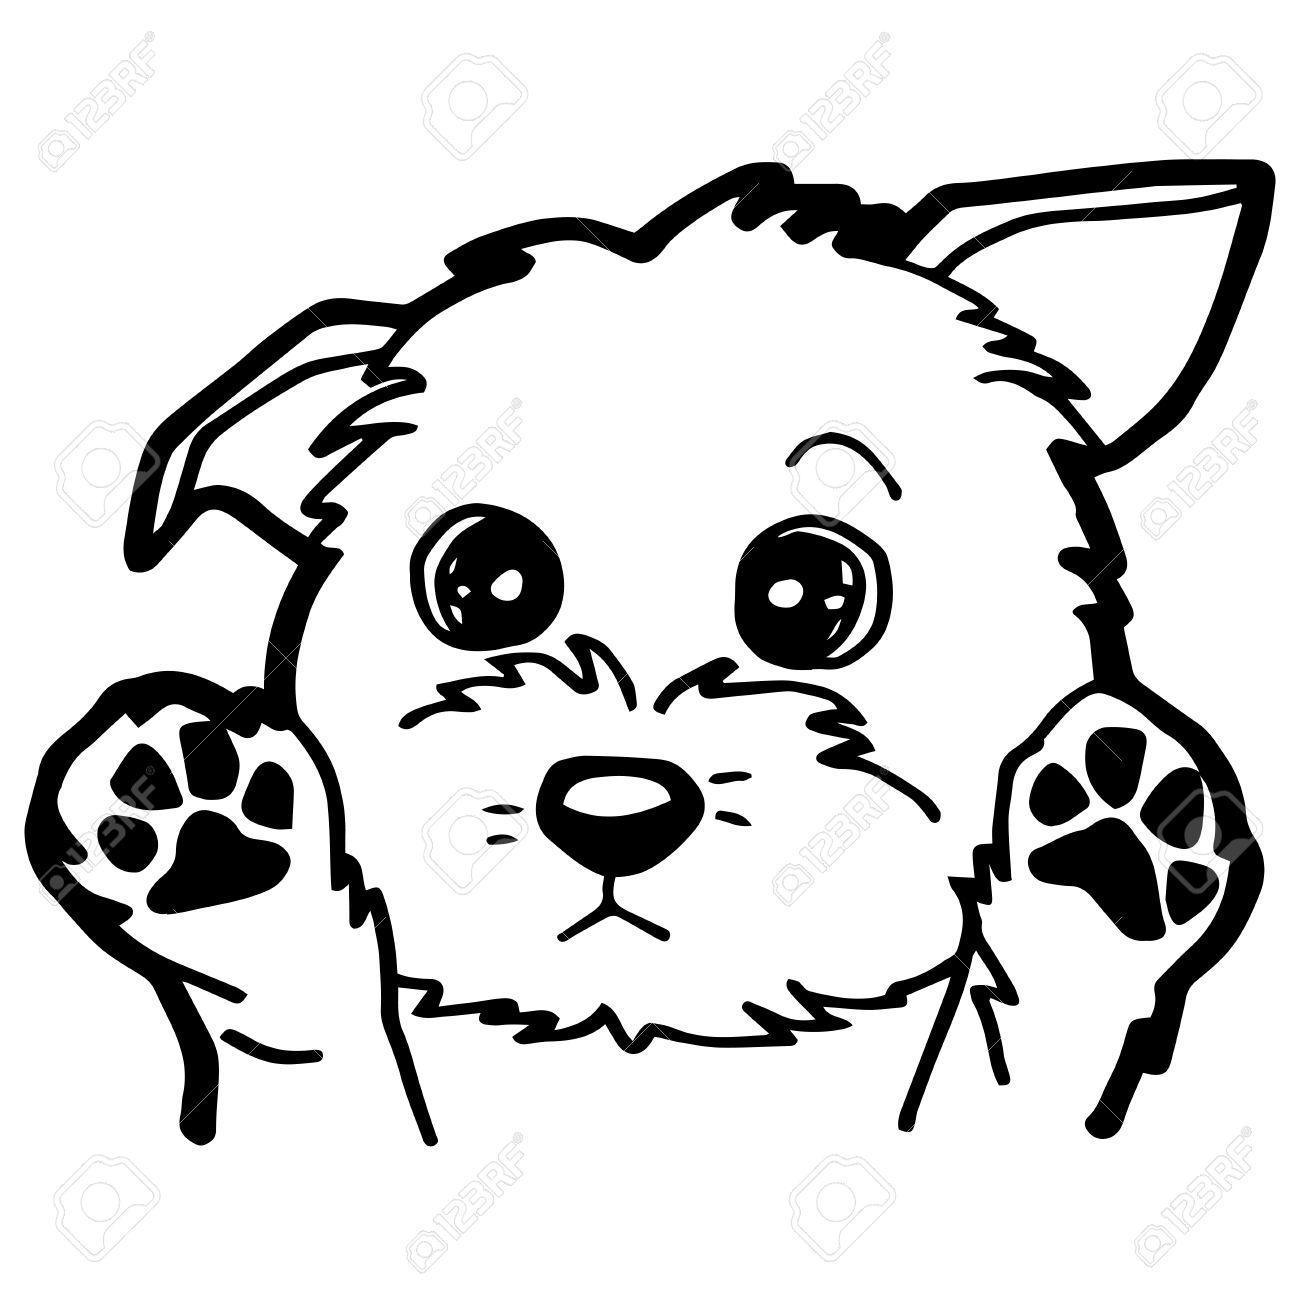 Ilustración De Dibujos Animados De Perro Divertido Para Colorear